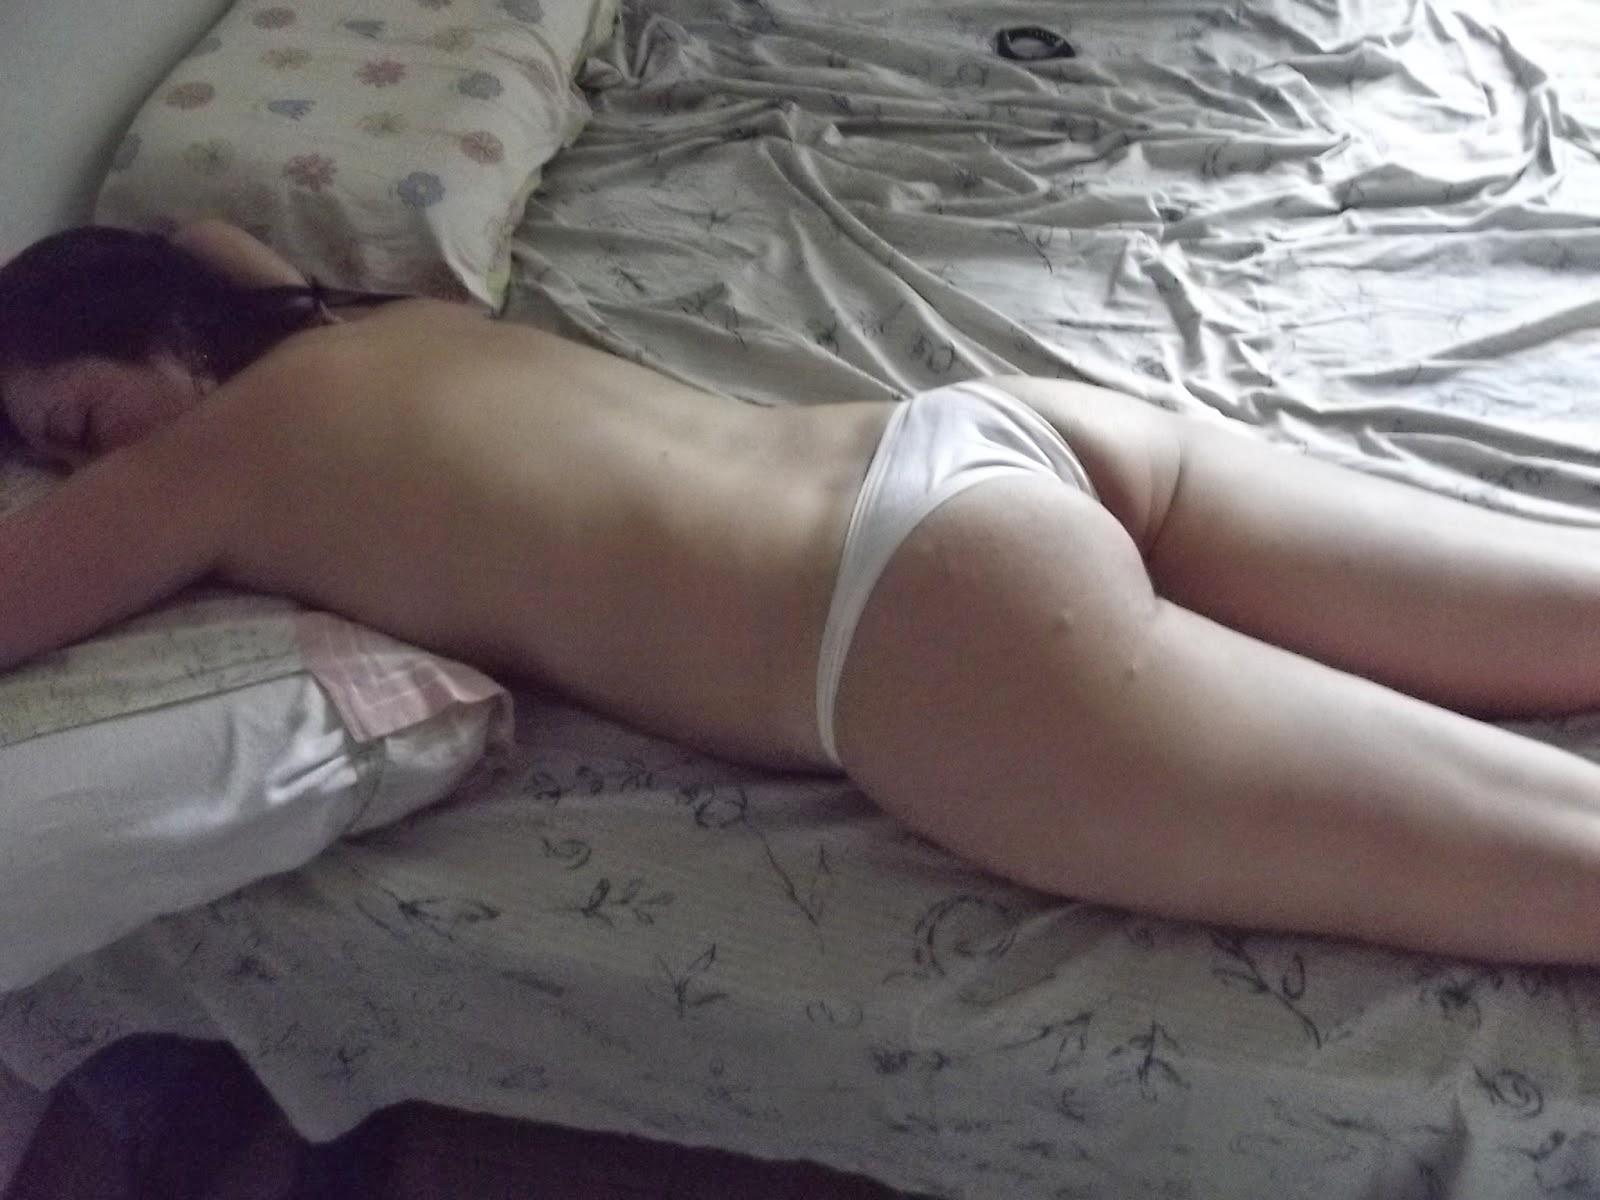 Sexo ertico y orgsmico en pareja - Servipornocom